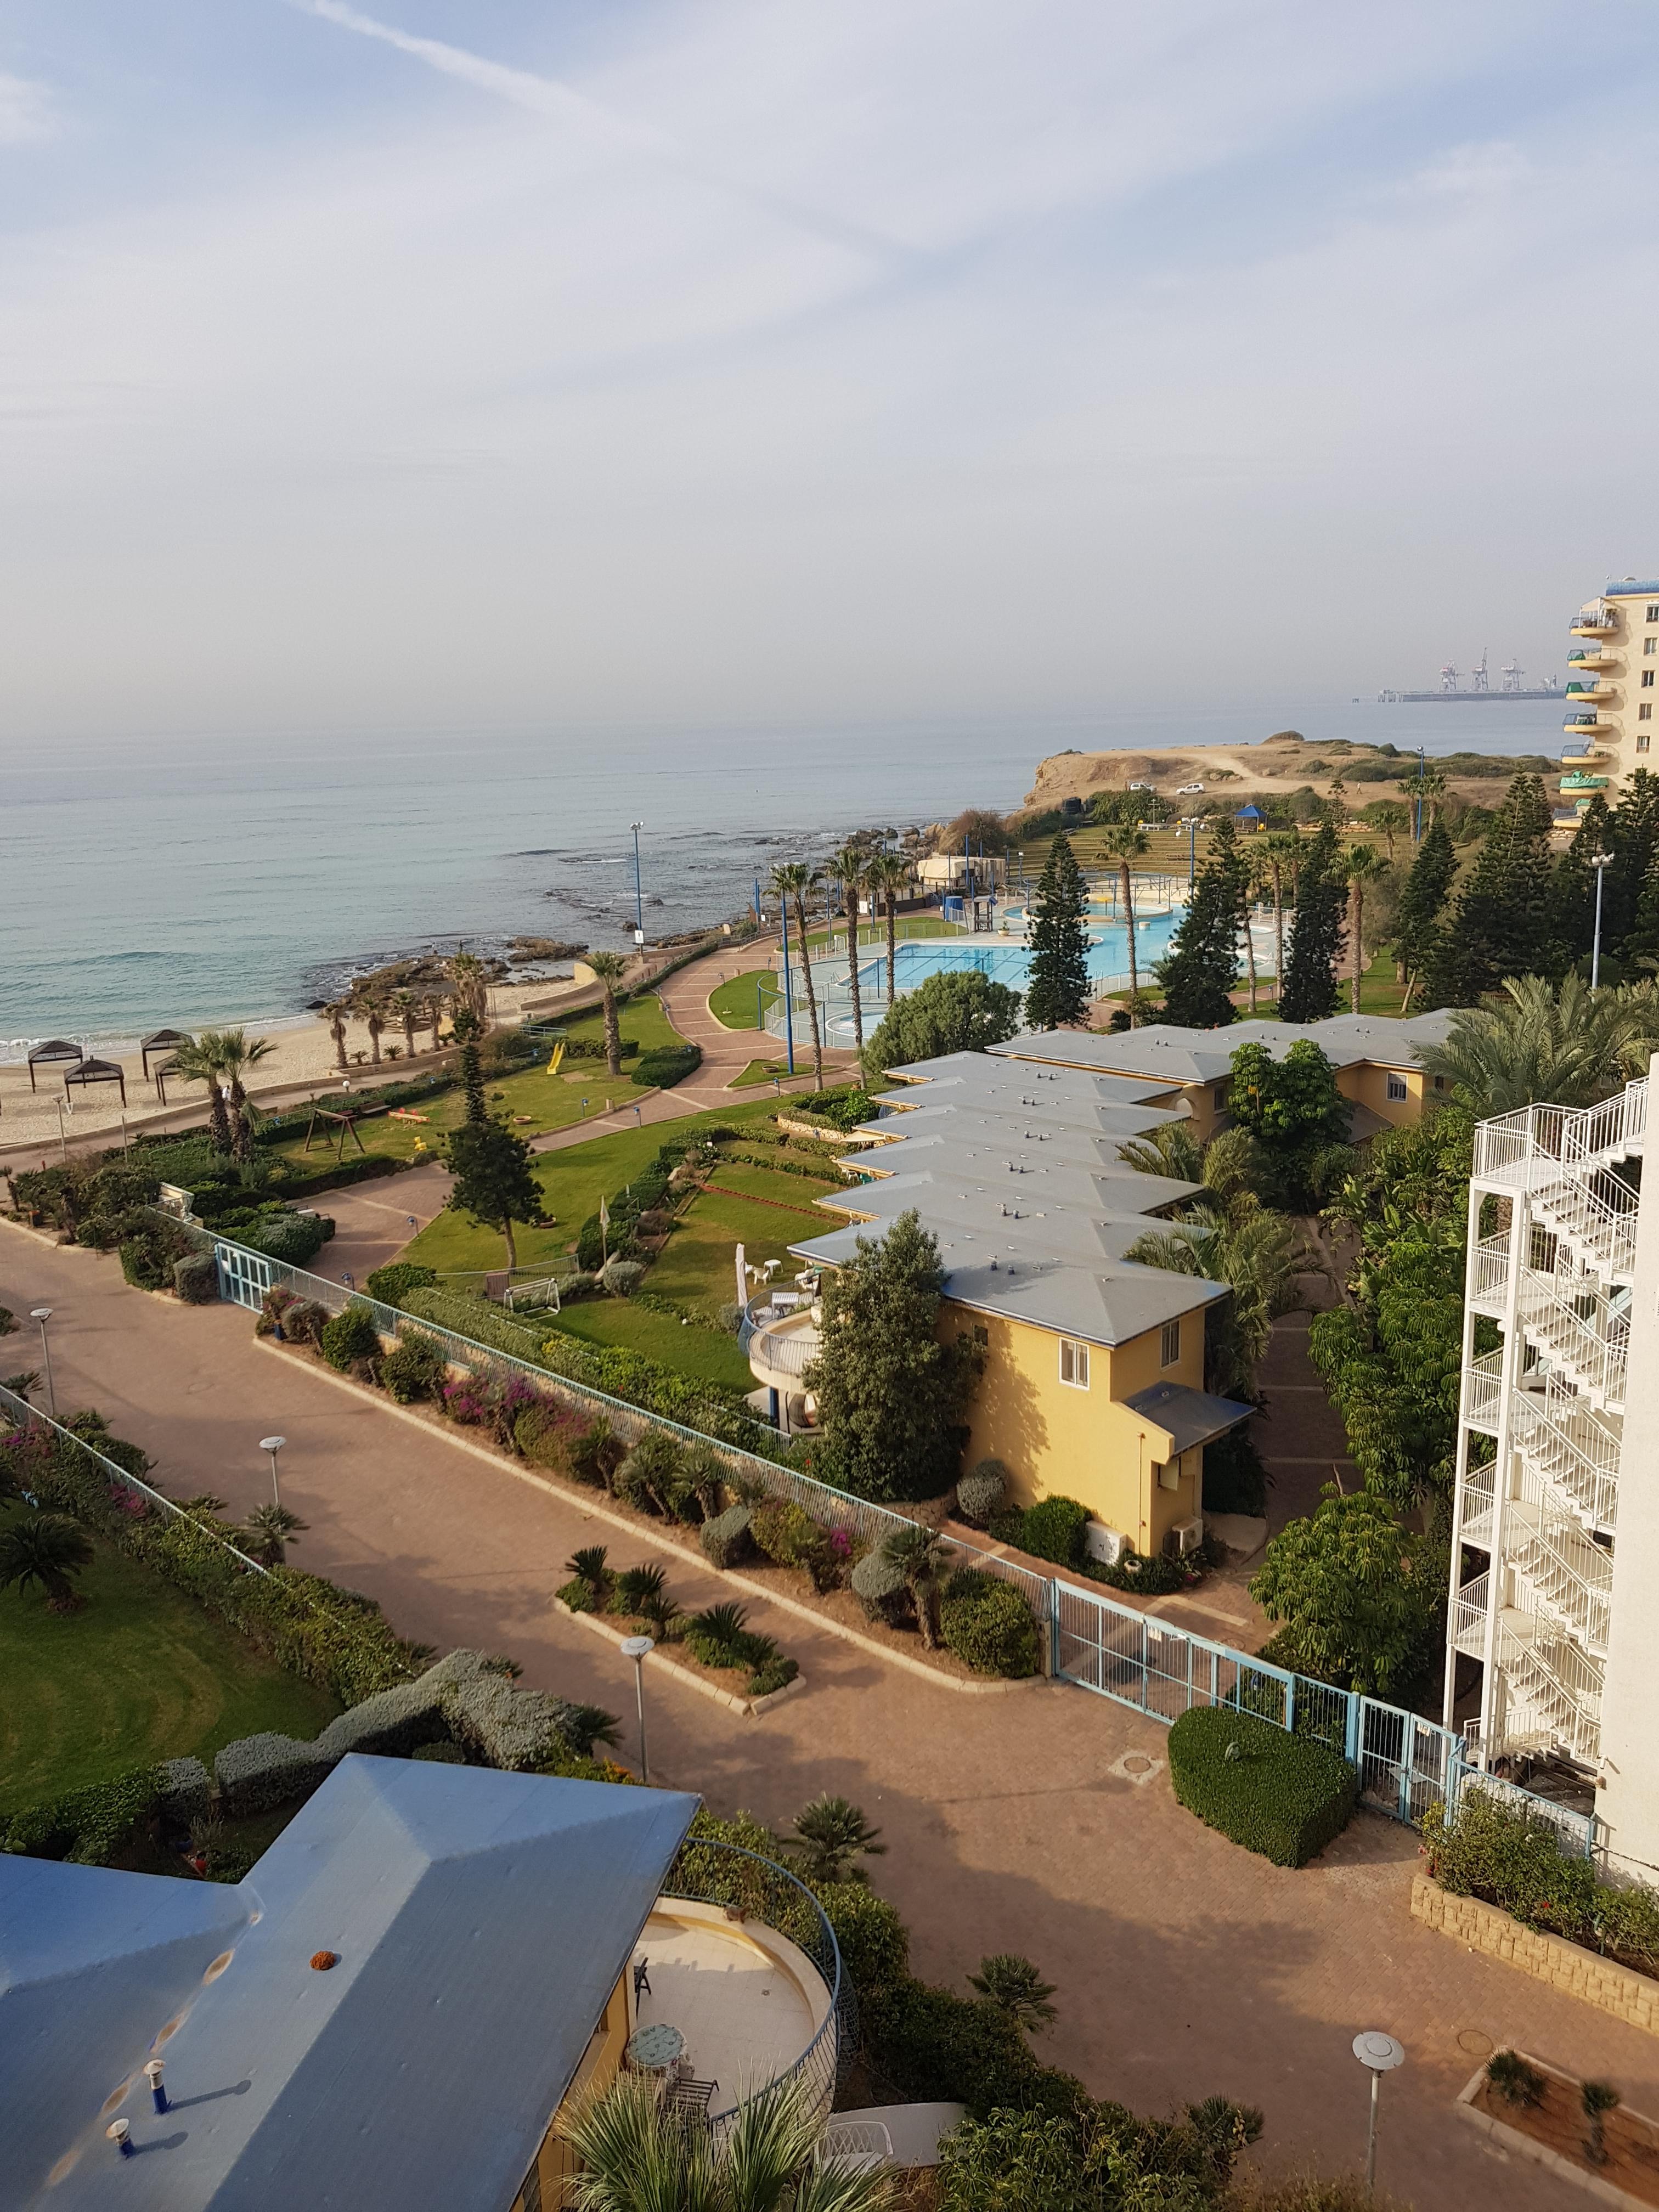 מפוארת דירות דירה למכירה בכפר הים חדרה | זירו מתווכים SD-41